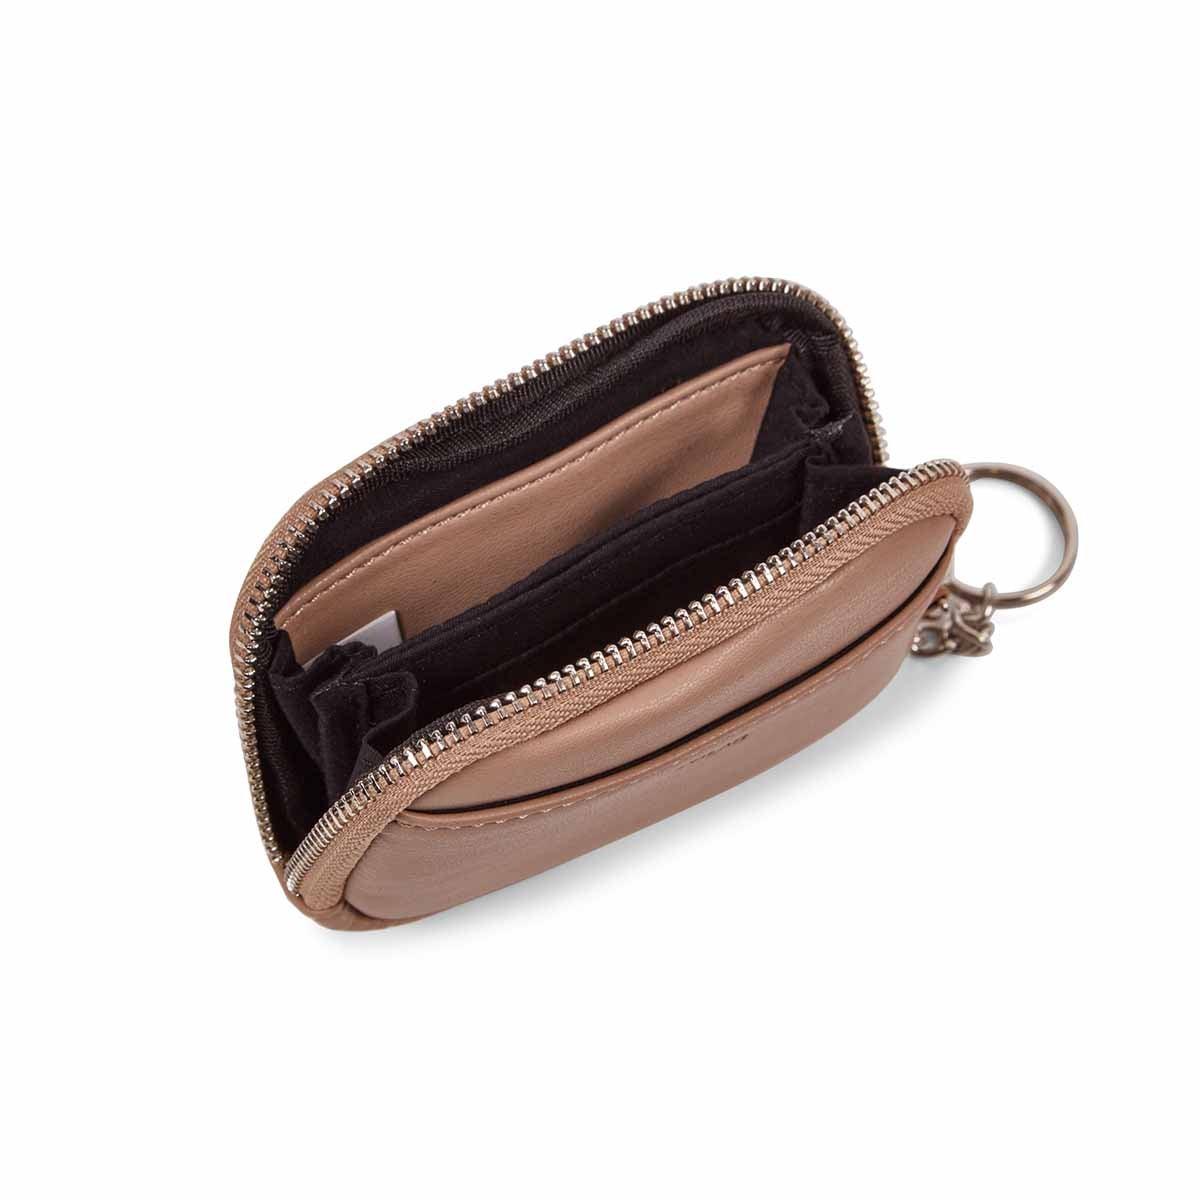 Lds nude zip up wallet